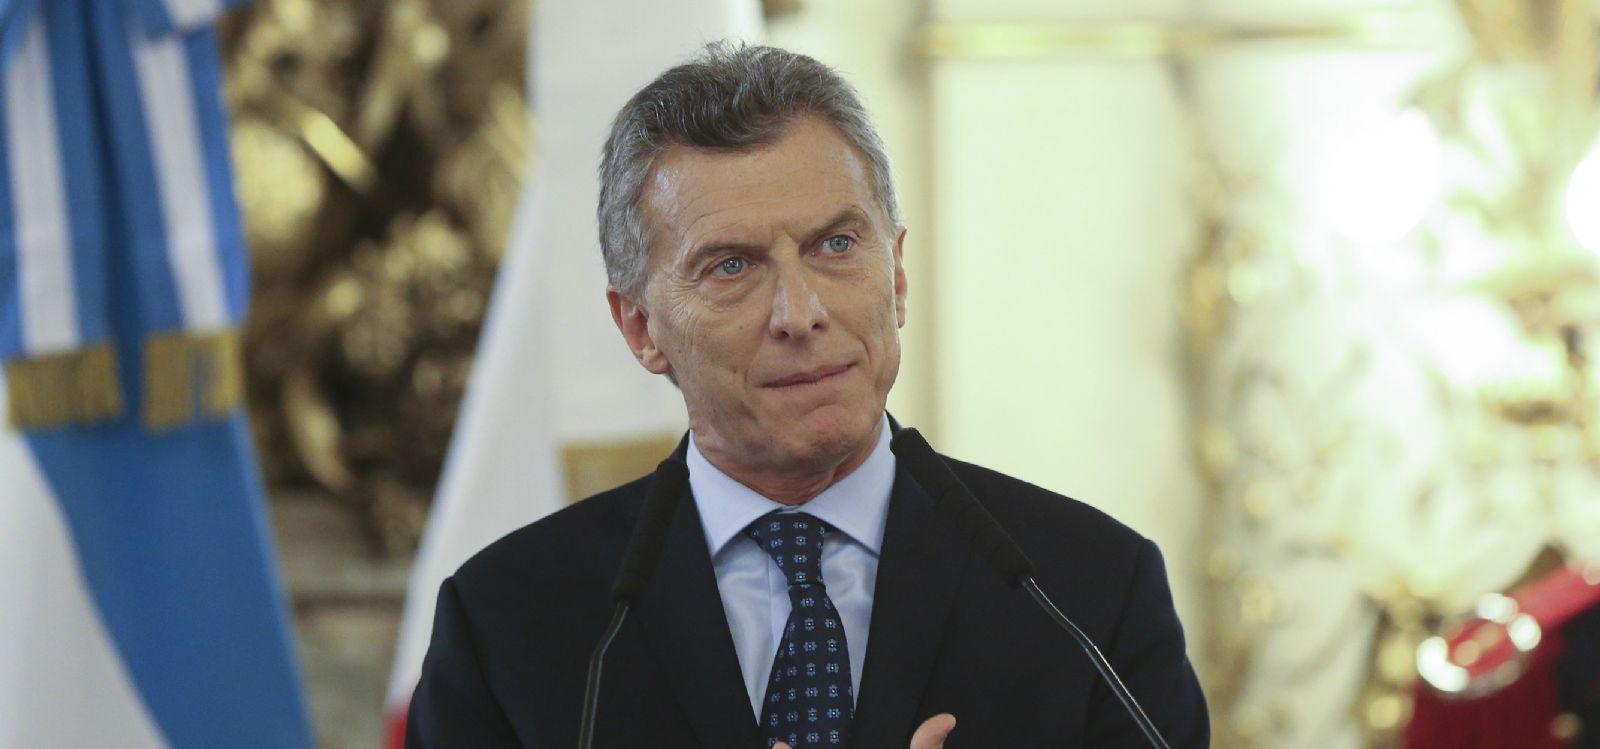 Fiscal imputa a Macri y pide suspender acuerdo de Argentina con el FMI